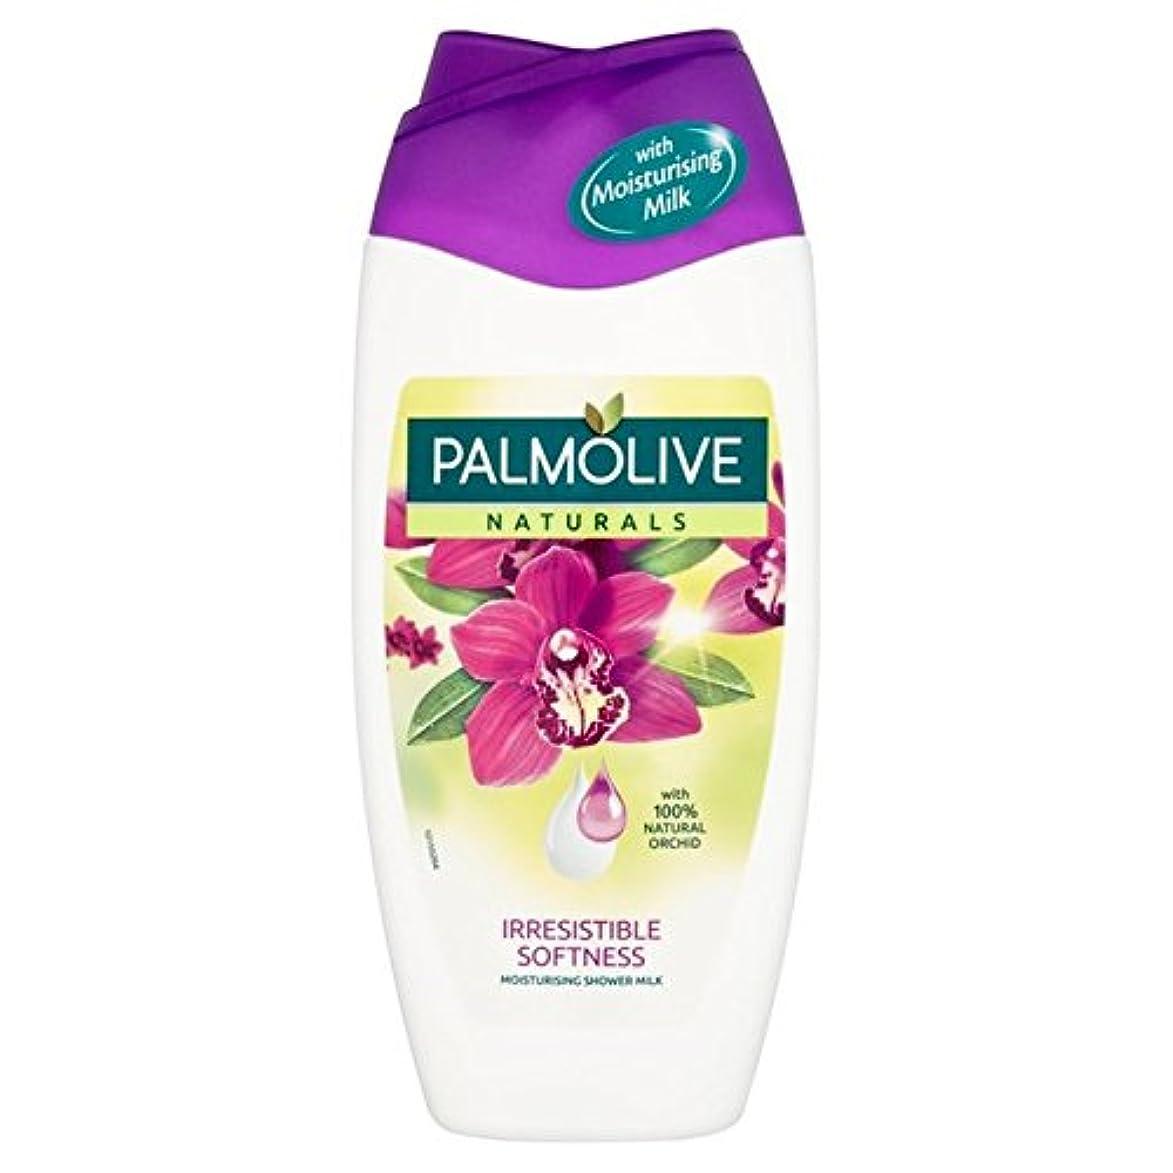 ボンドアクセサリー味方Palmolive Naturals Shower Black Orchid 250ml - パルモナチュラルシャワー黒蘭の250ミリリットル [並行輸入品]